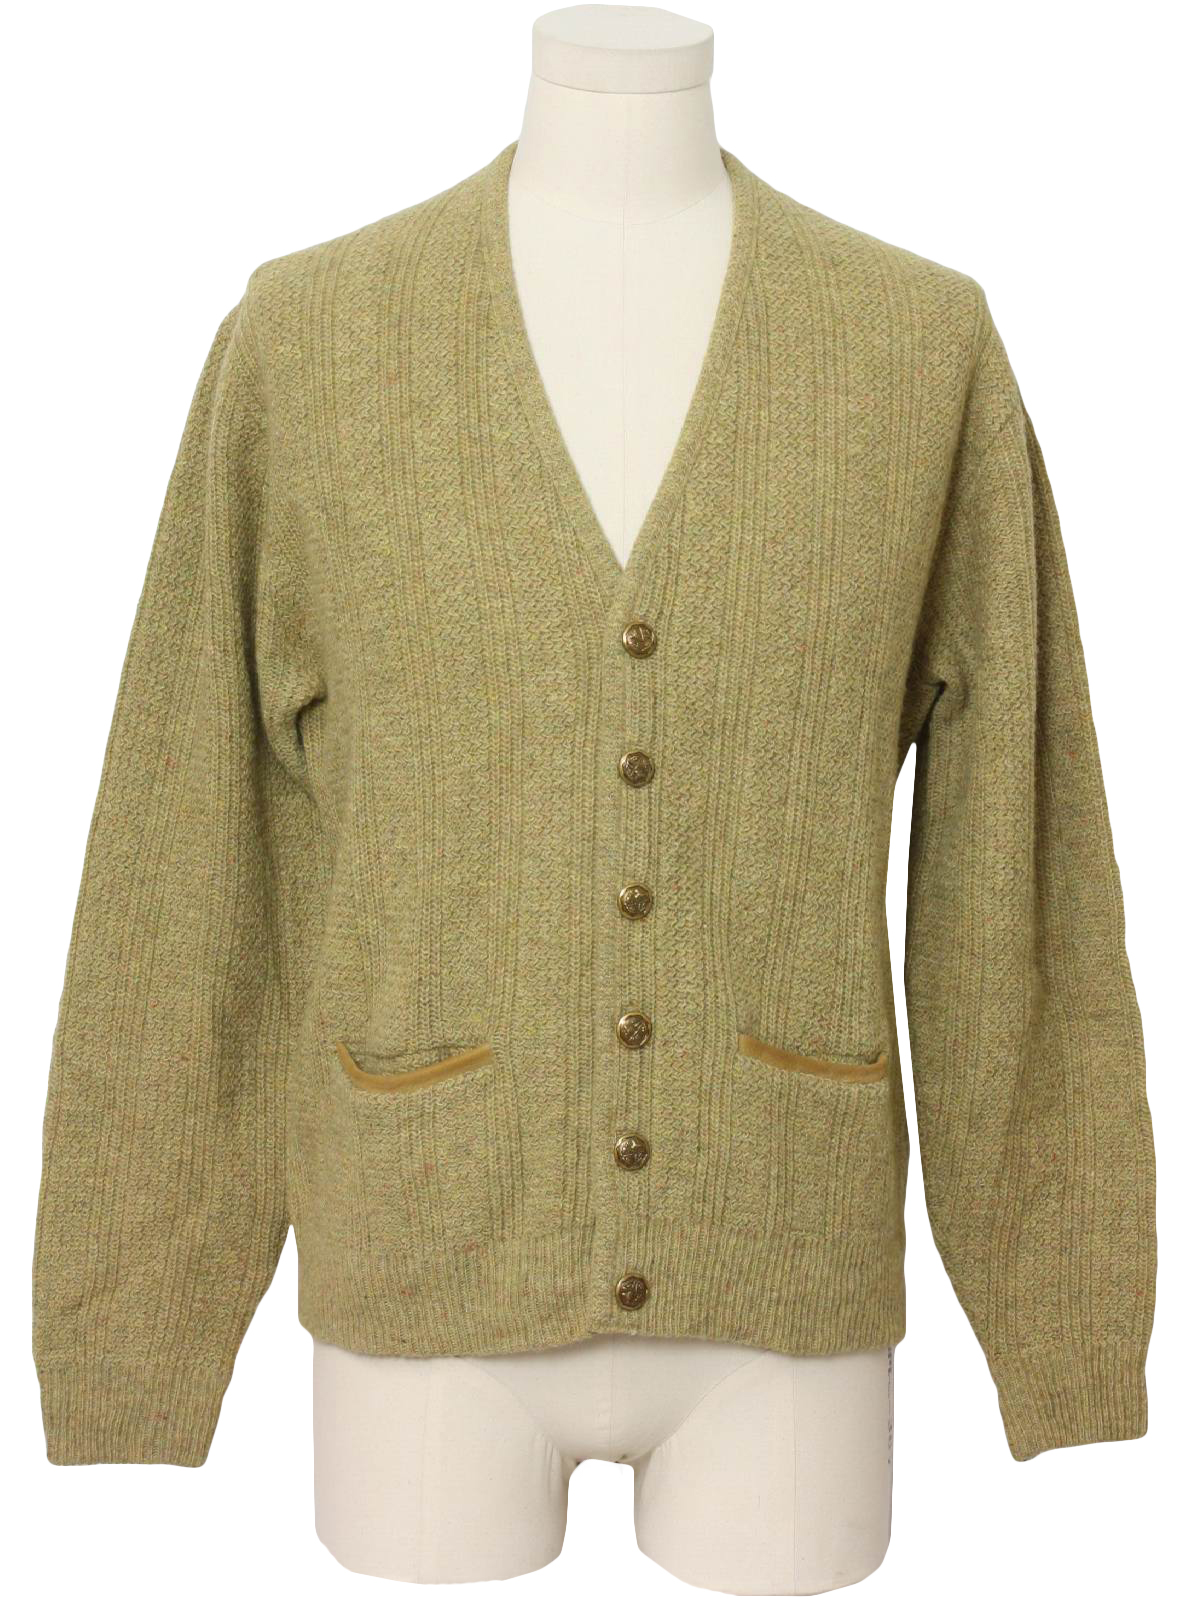 70s Caridgan Sweater (Puritan): 70s -Puritan- Mens shaded tan and ...